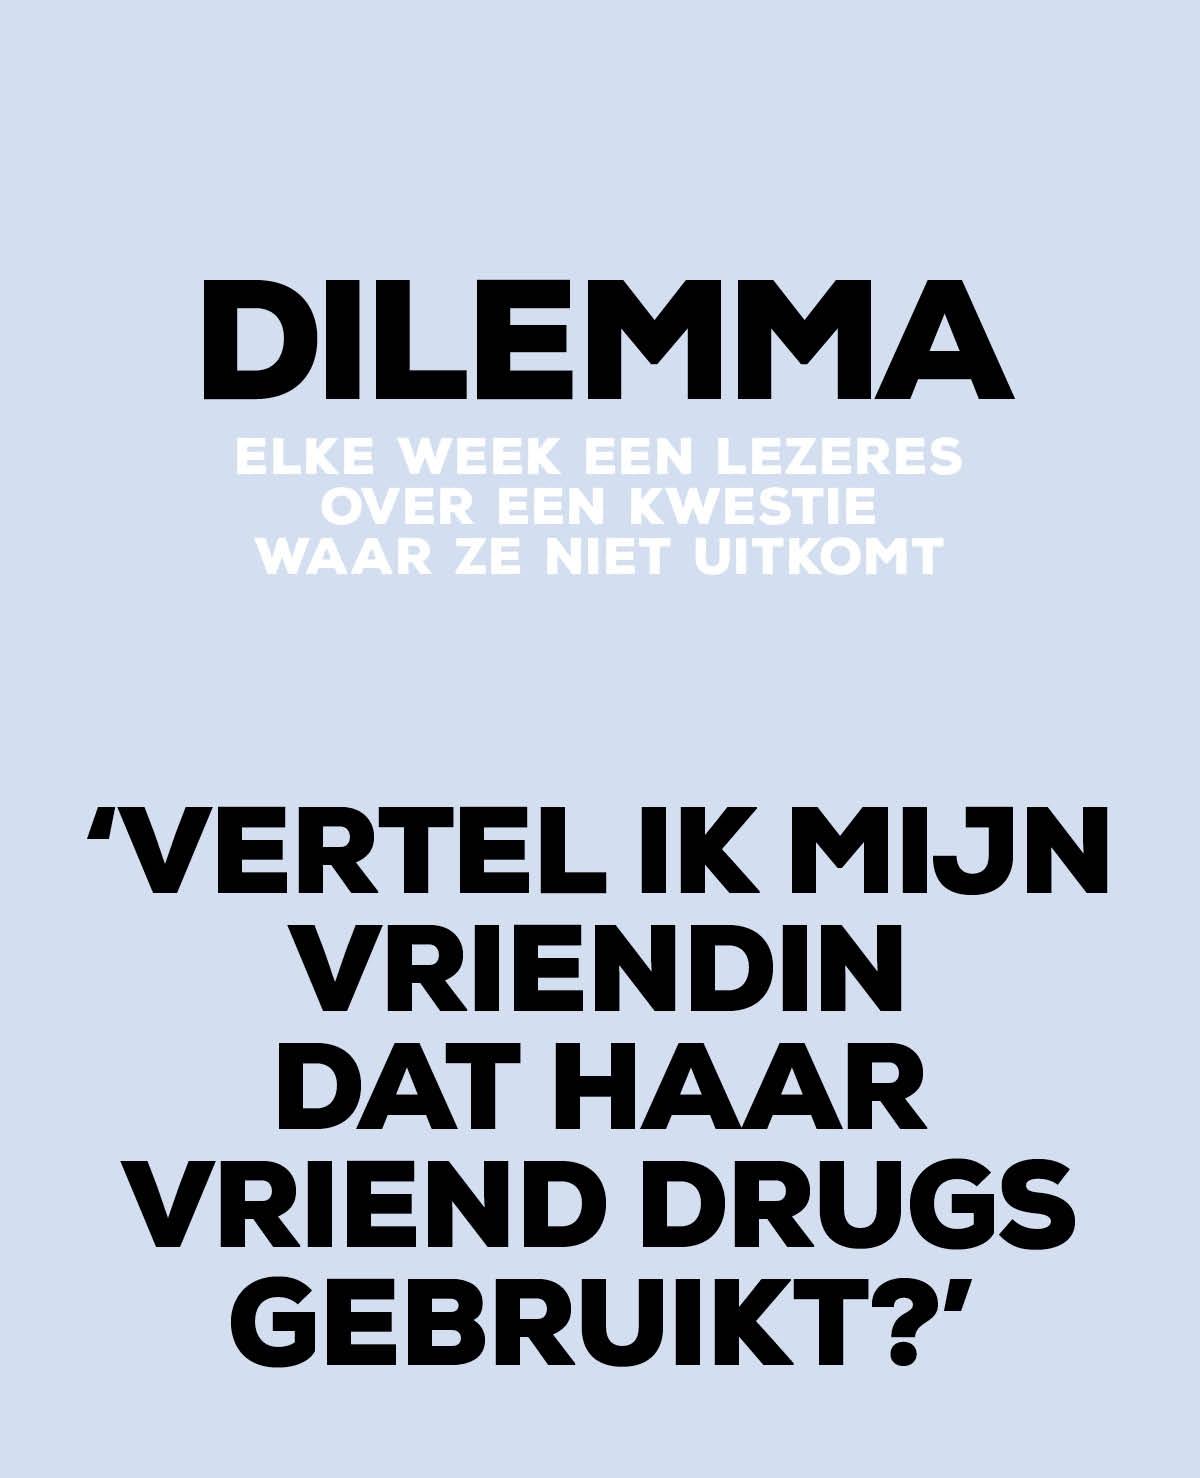 Dilemma: 'Vertel ik mijn vriendin dat haar vriend drugs gebruikt?'